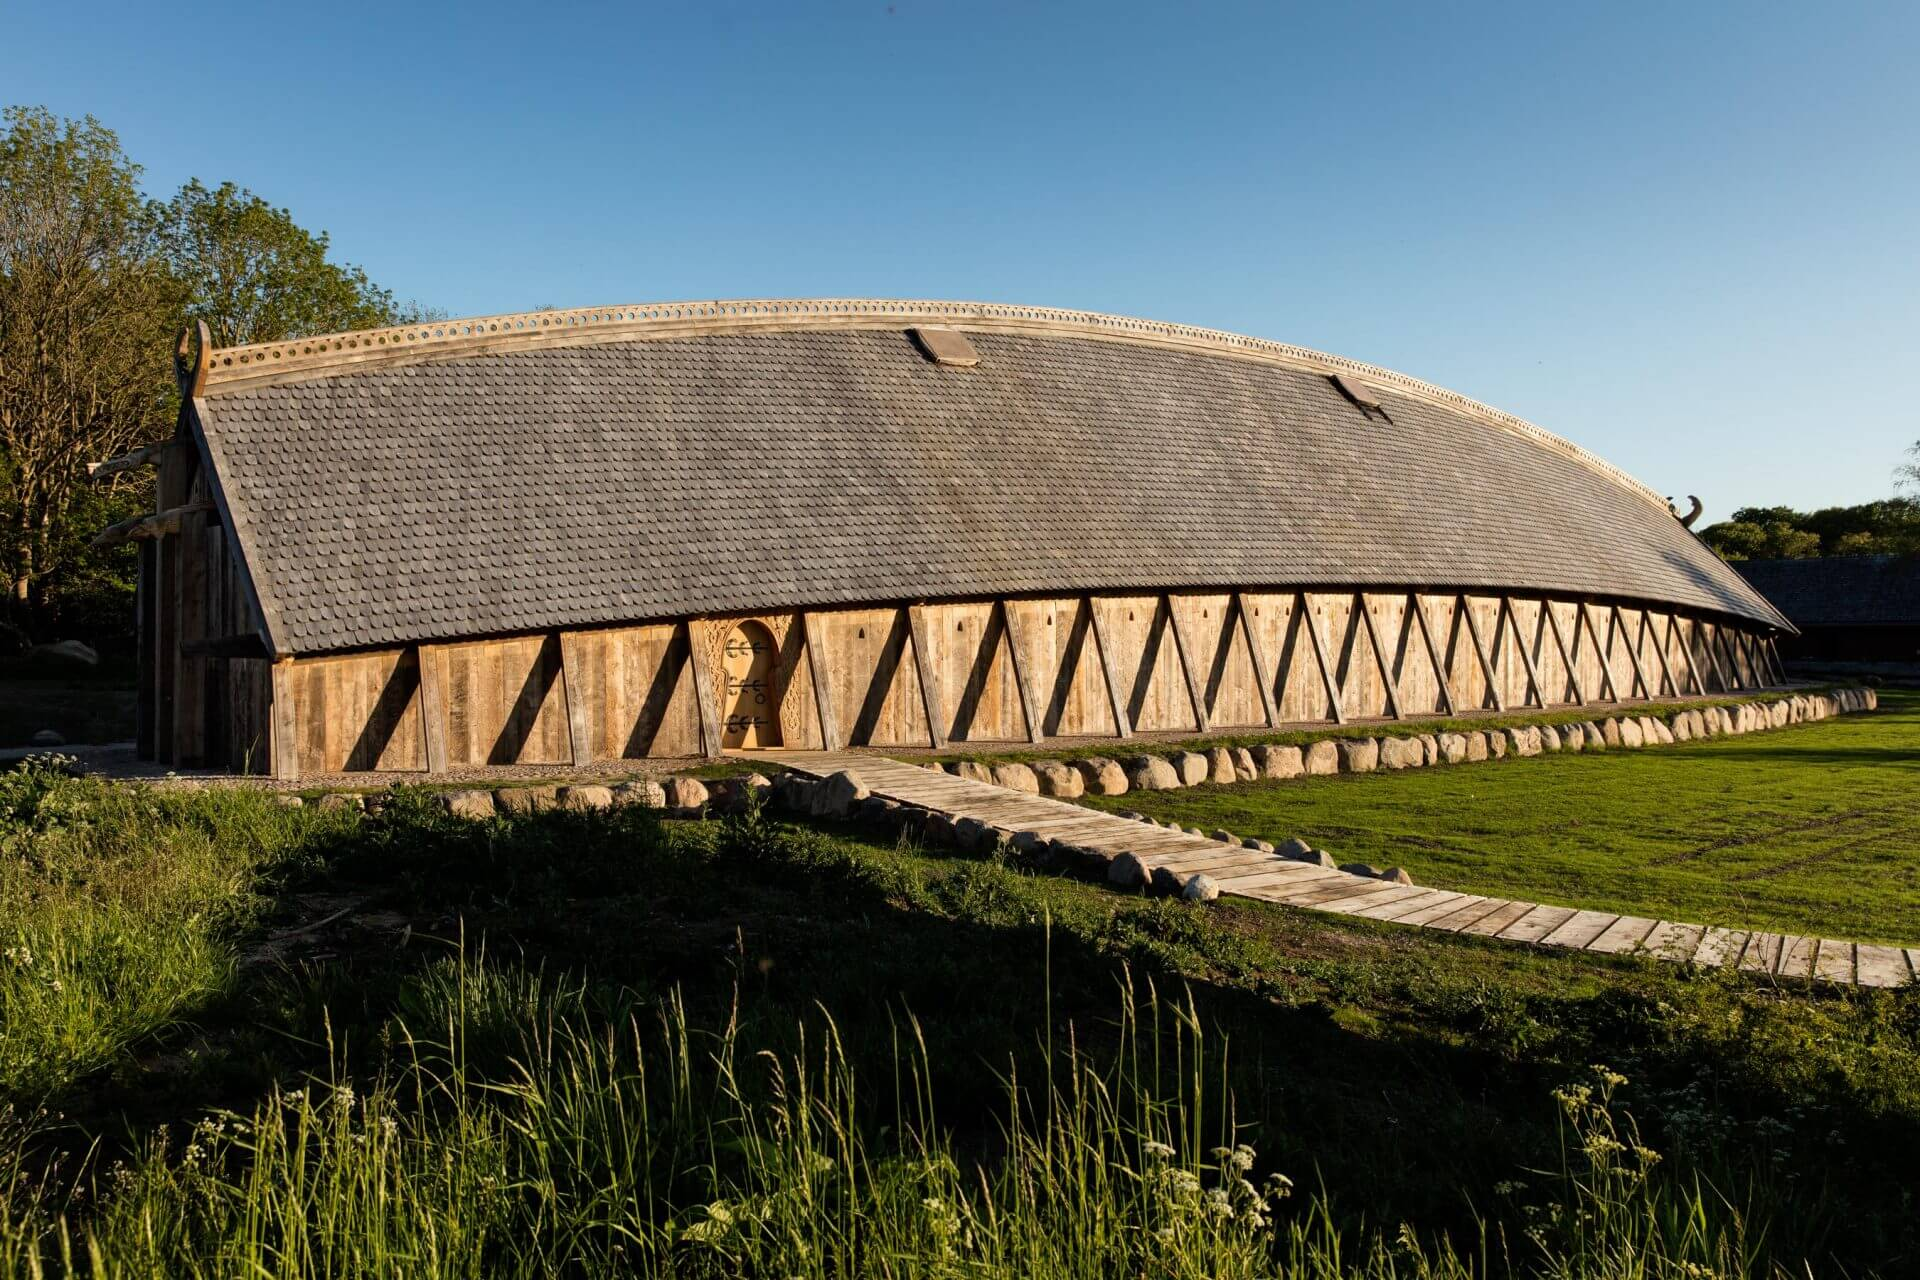 Kongehallen i Sagnlandet Lejre som den ser ud i landskabet netop nu (2)